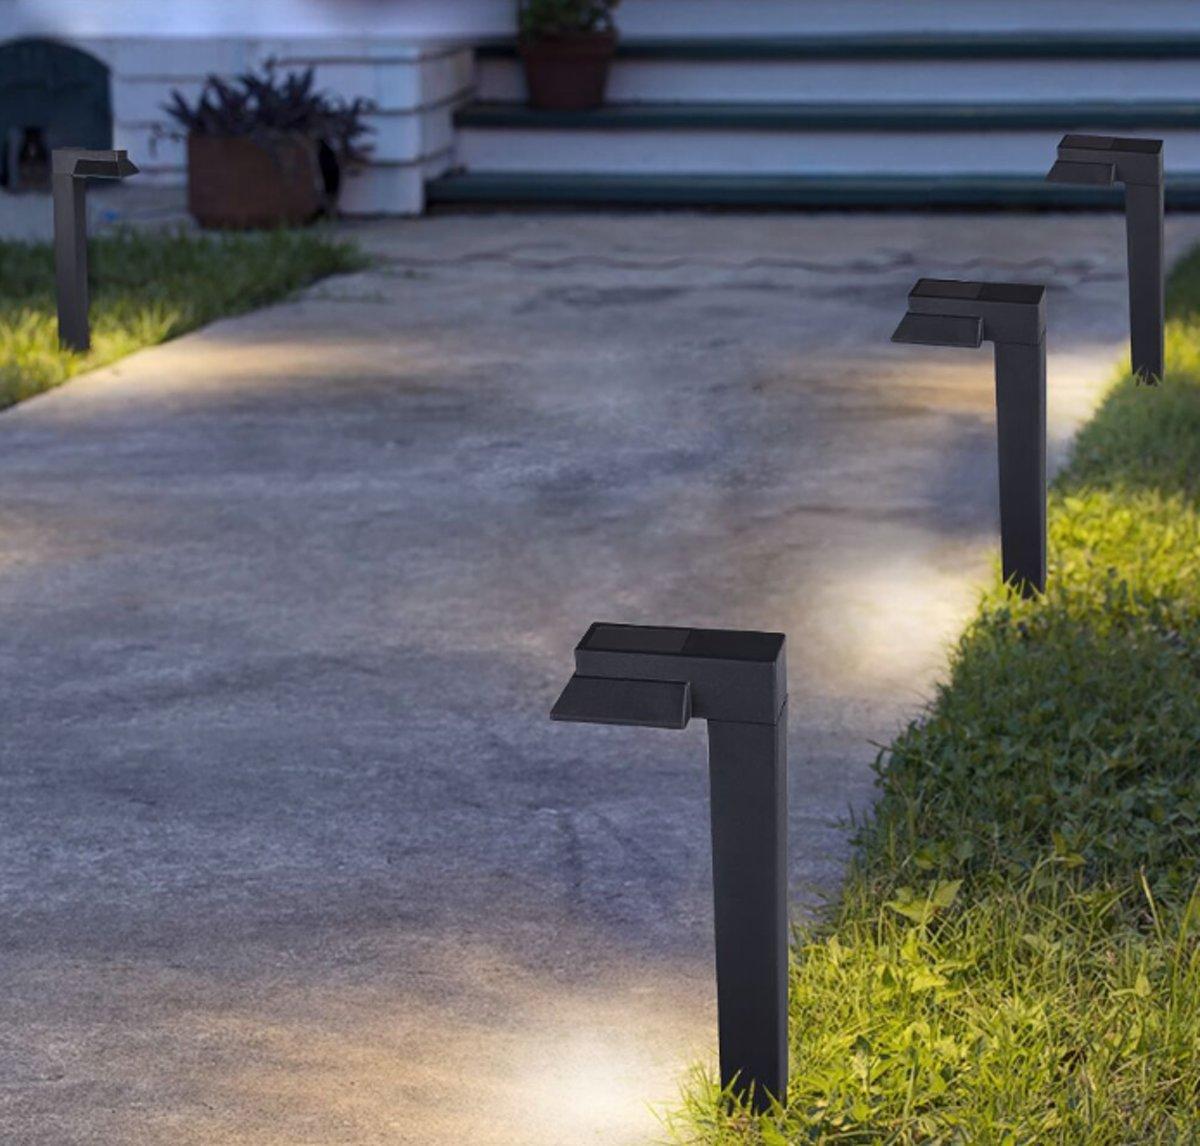 The White Series - 6 haakse LED Solar buitenlampen met nachtsensor - Per set kopen